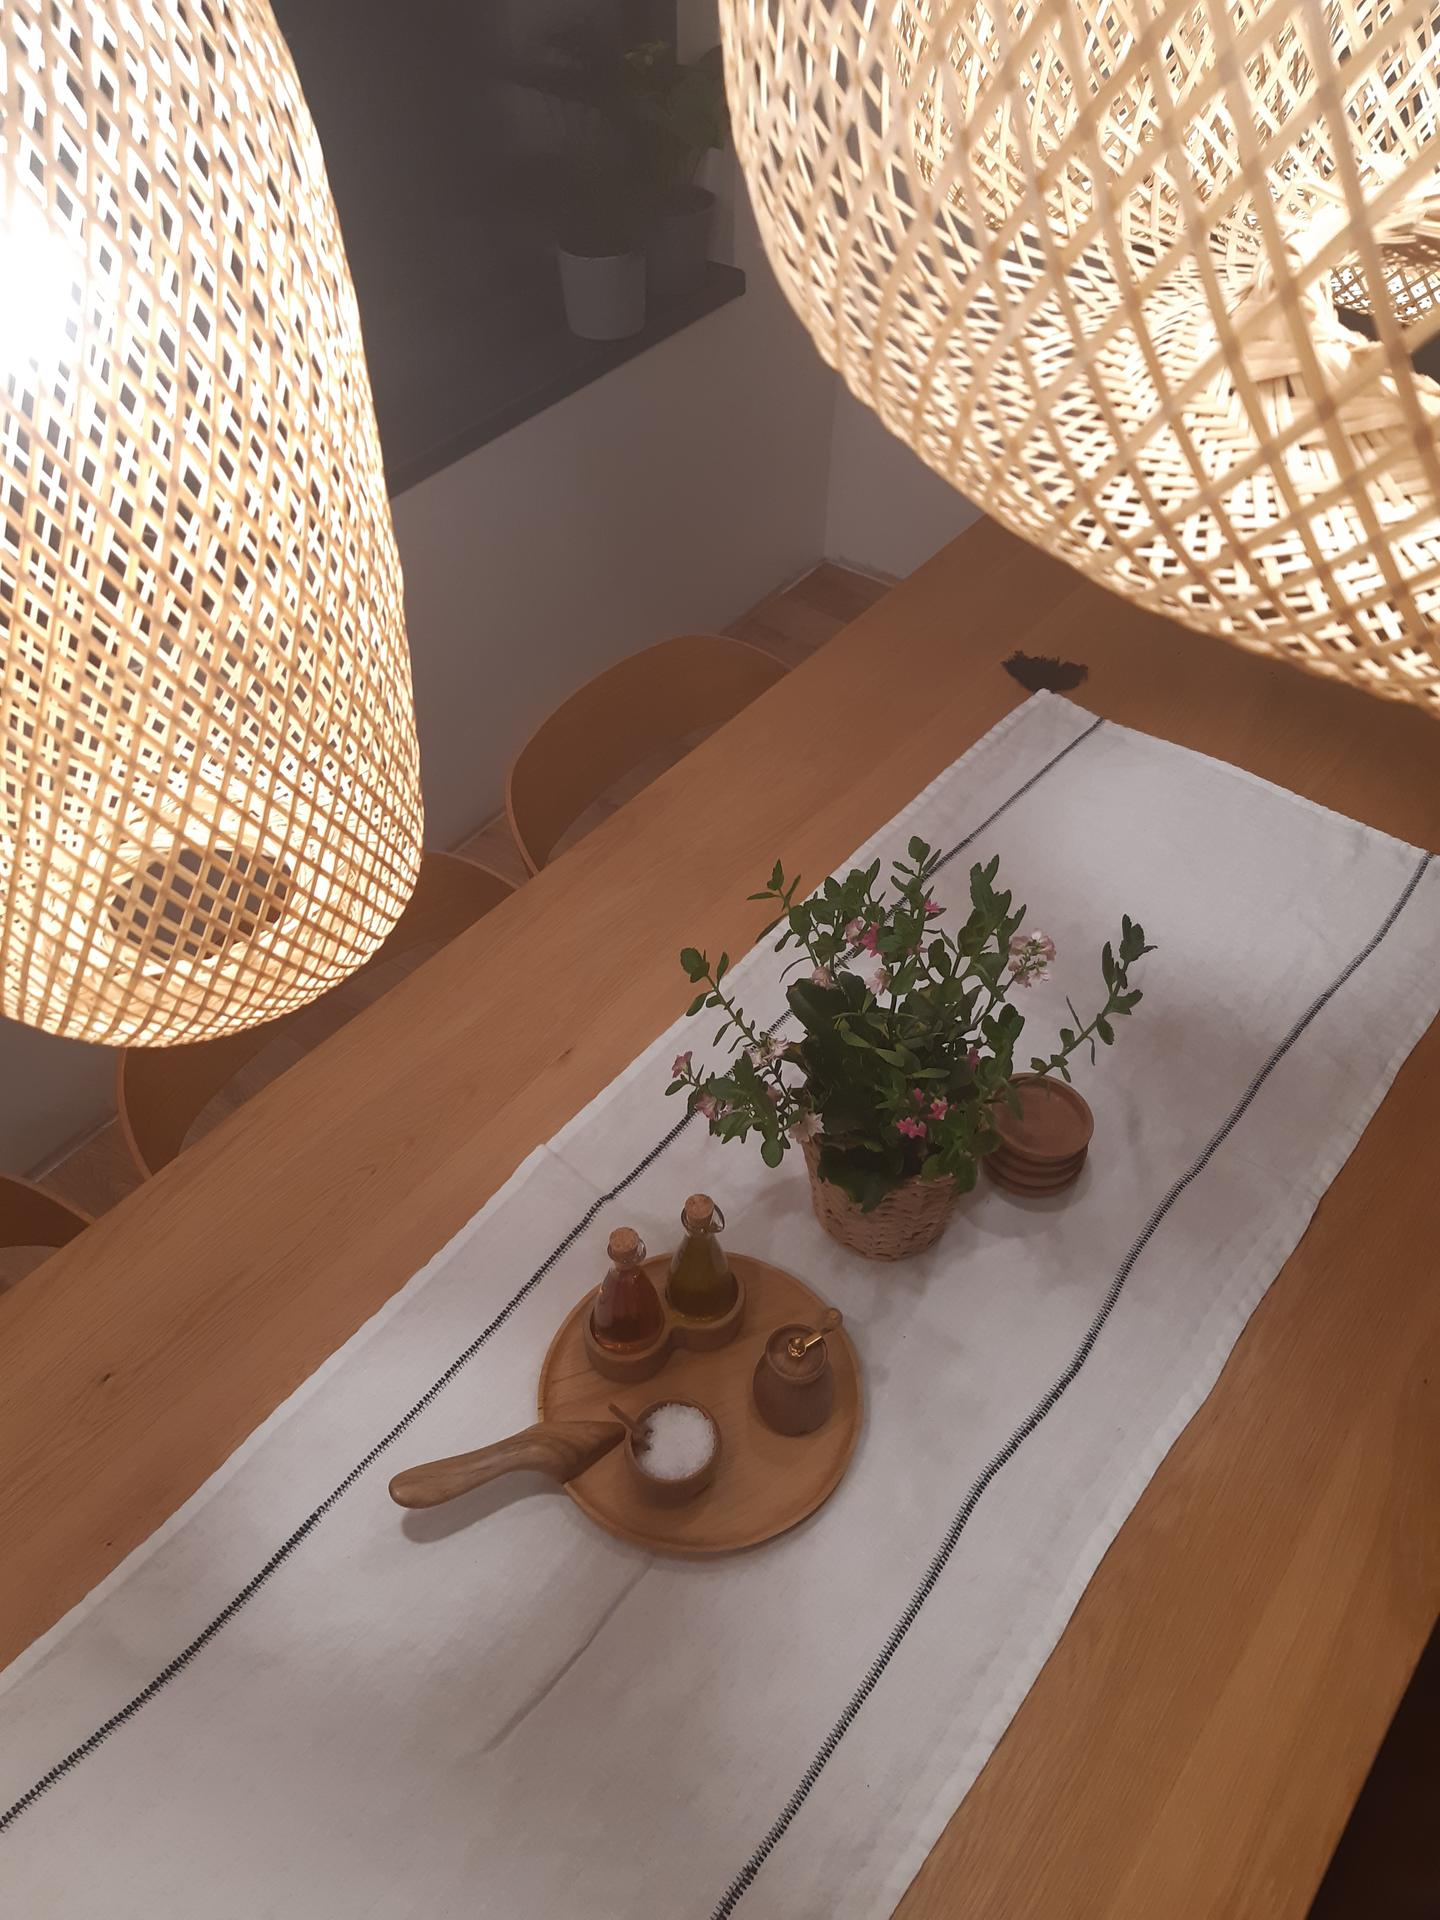 Nové dřevěné doplňky na jídelní stůl. - Obrázek č. 1